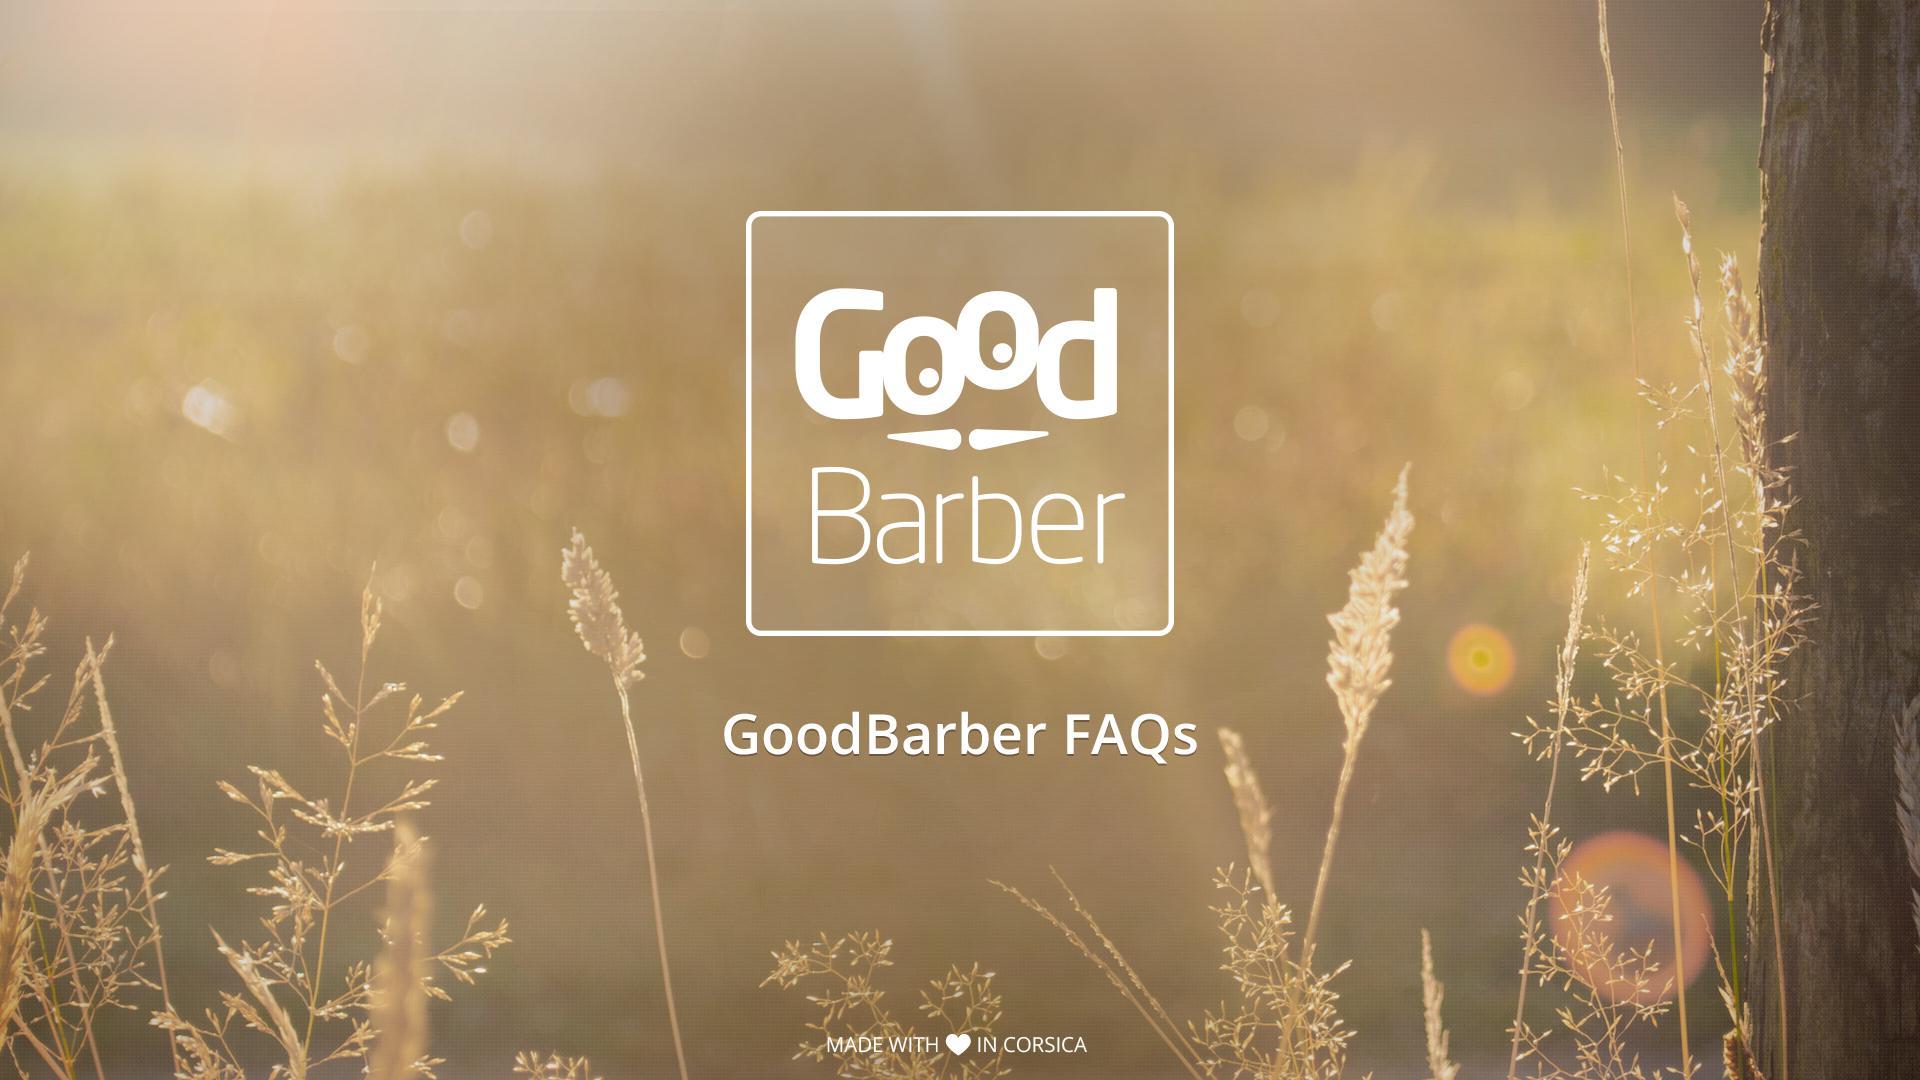 GoodBarber FAQs sobre el desarrollo de una aplicación móvil #3